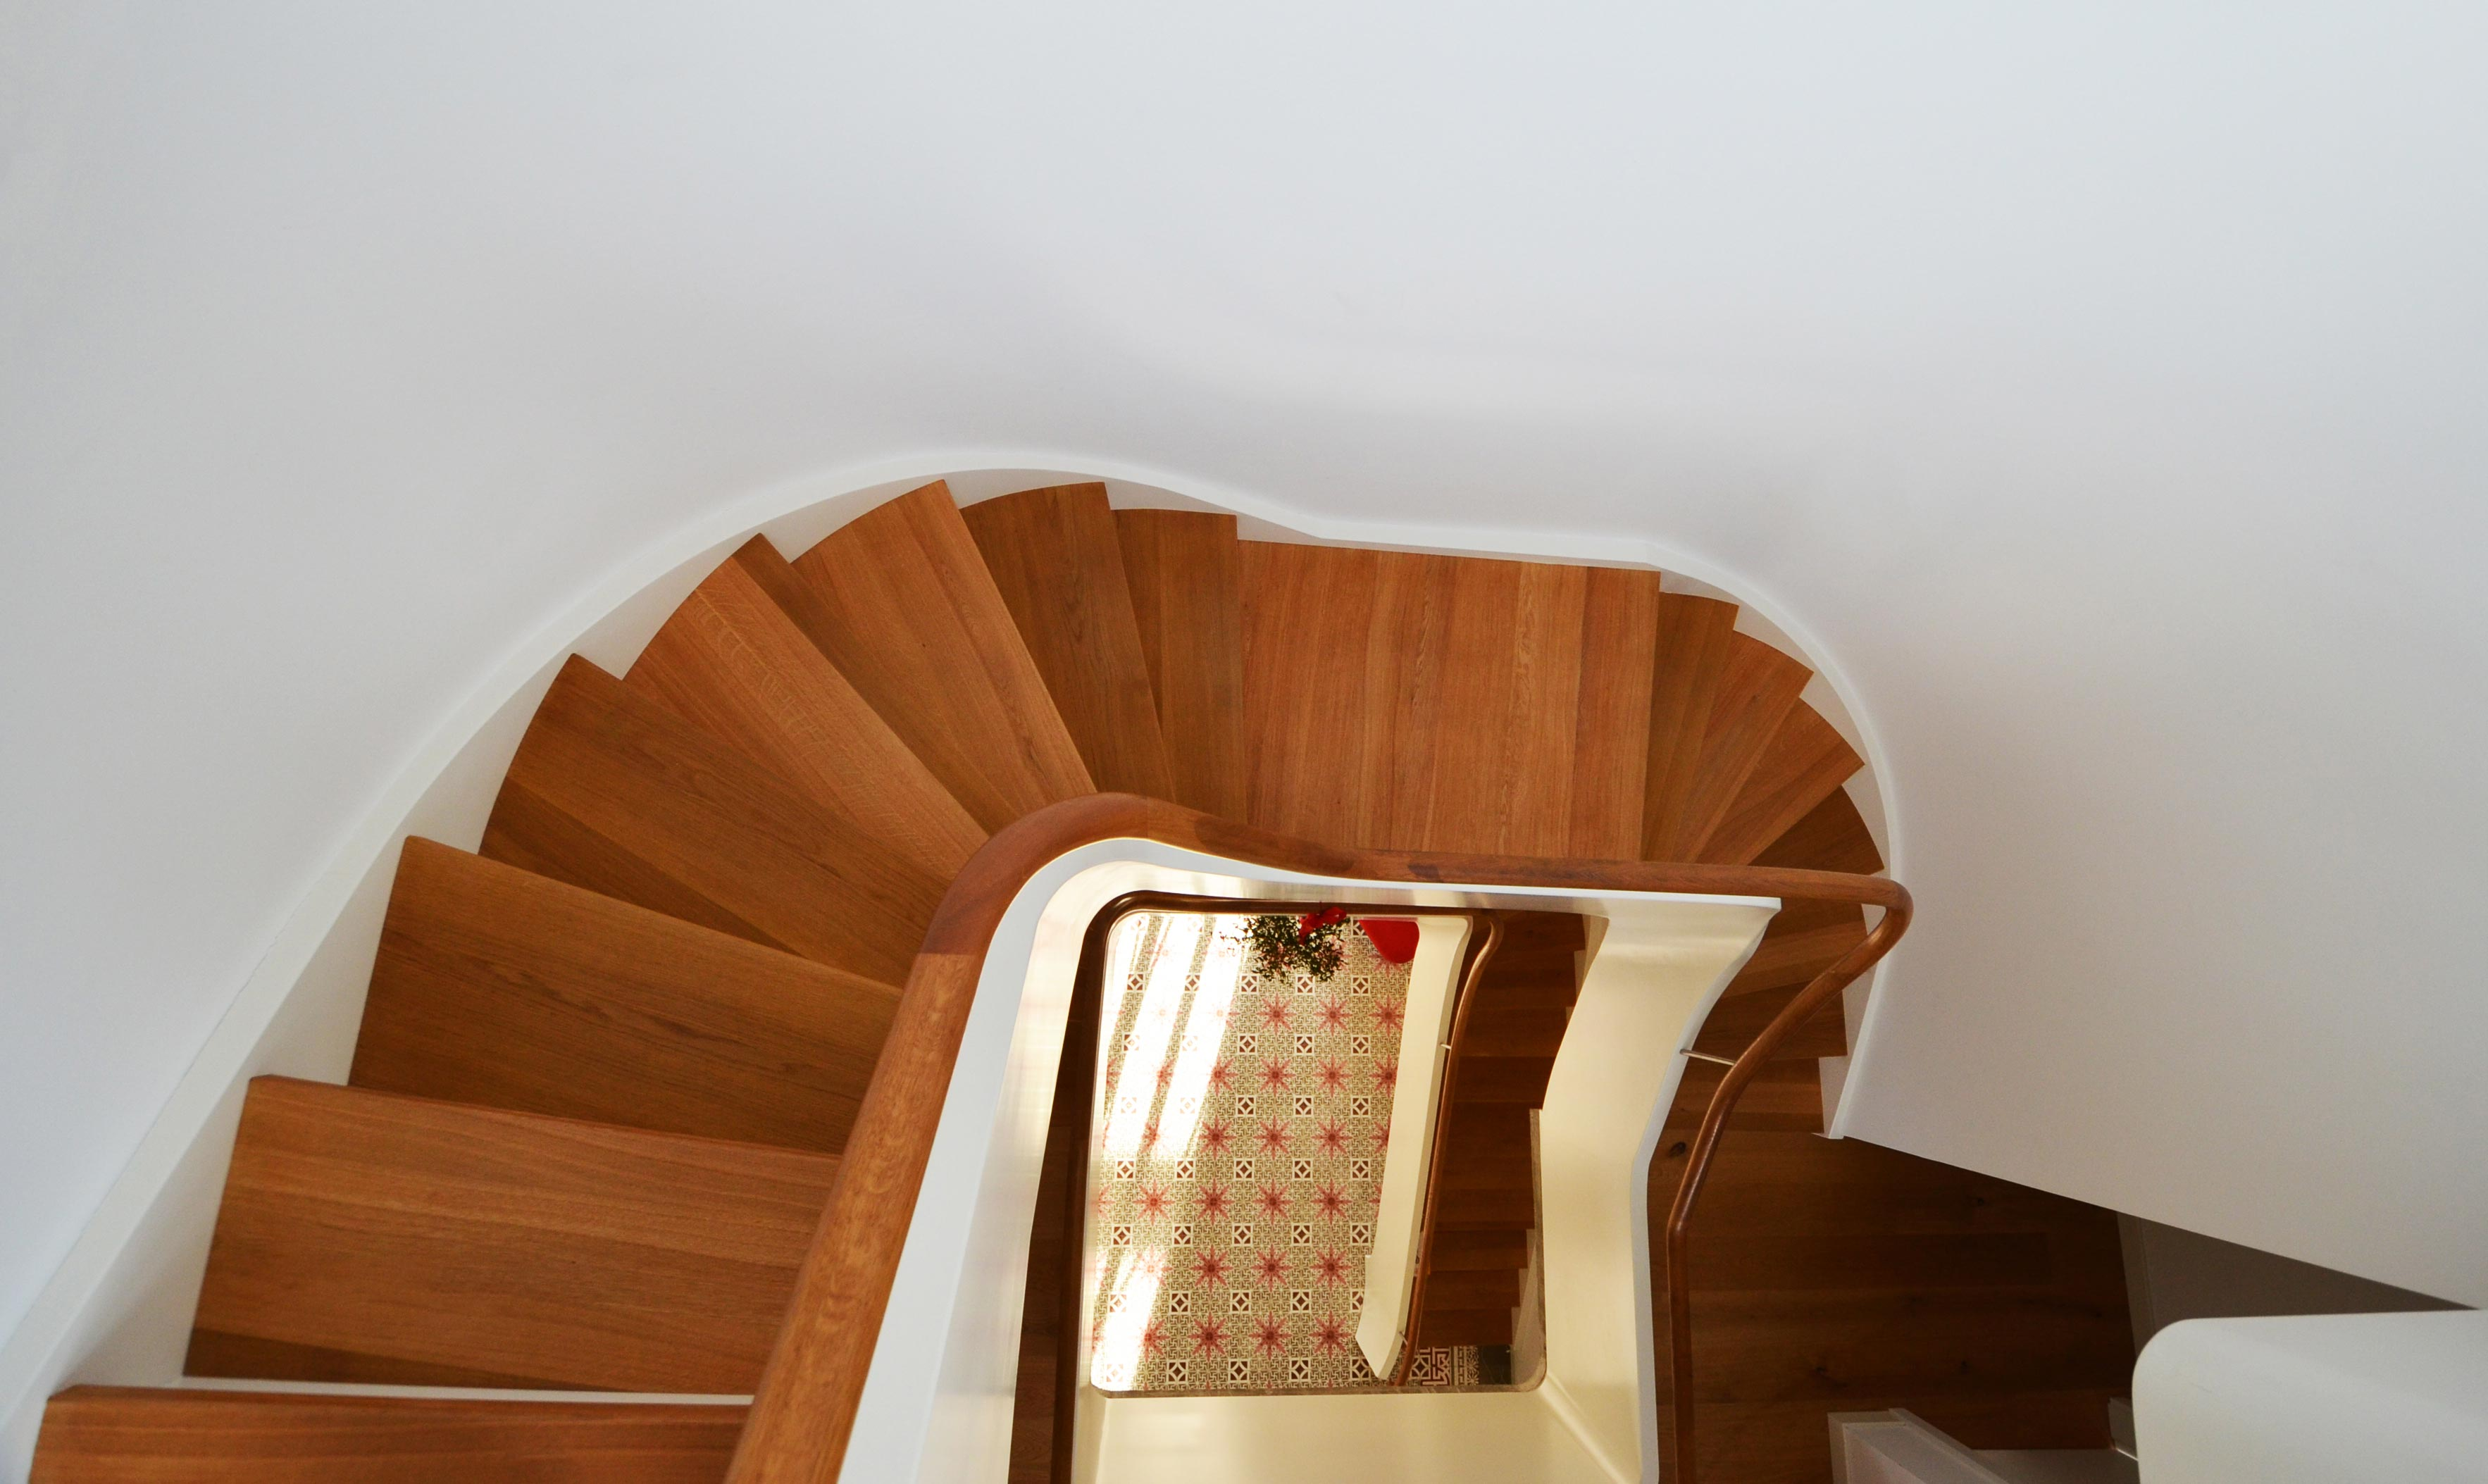 Treppenbau Diehl in Frankfurt. Wangentreppe mit bestechender Leichtigkeit-2